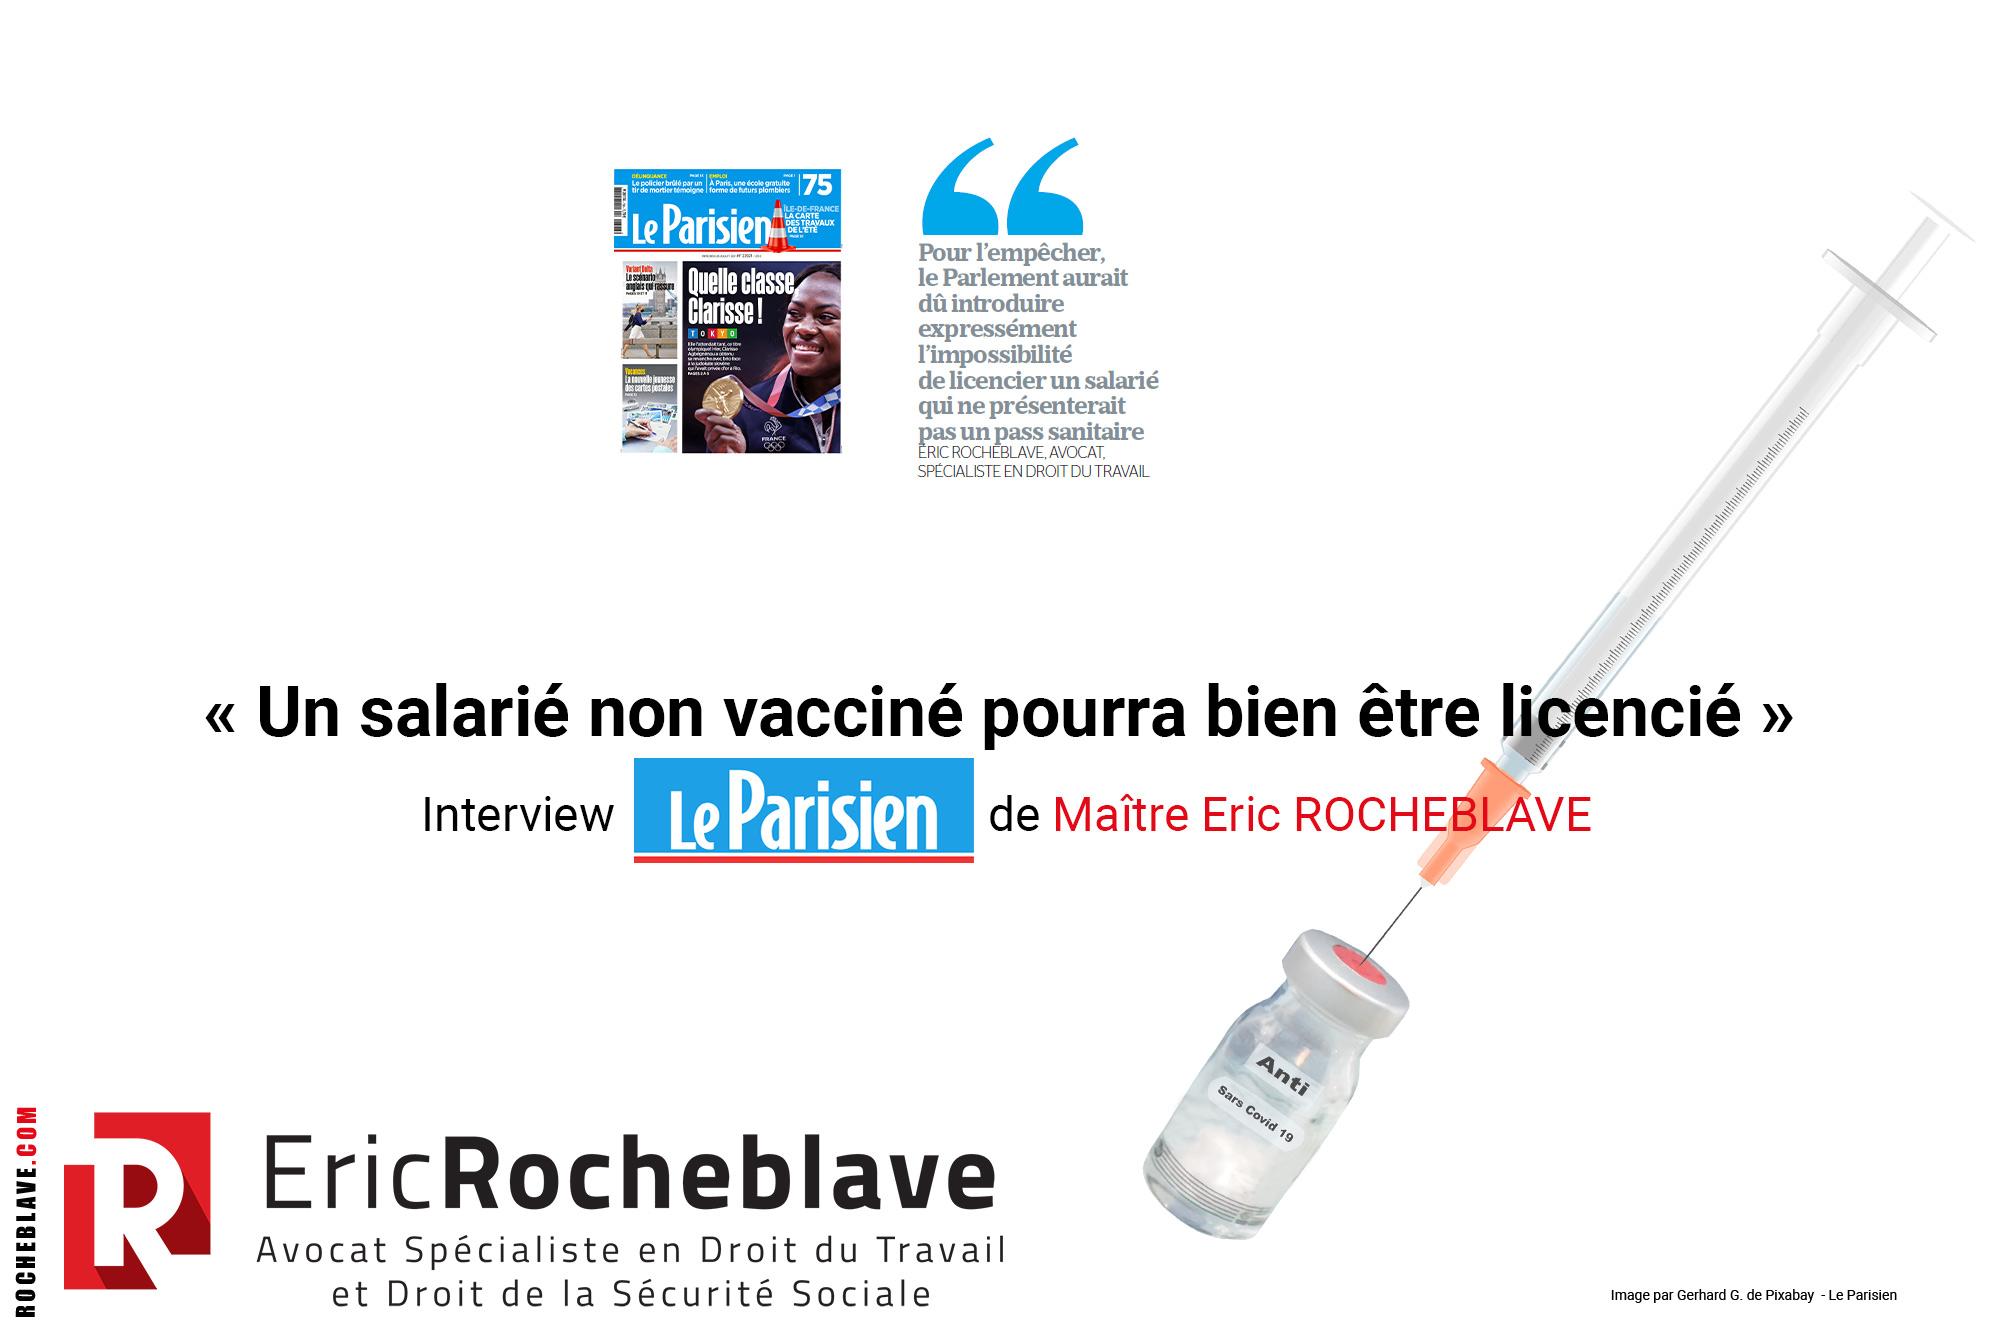 « Un salarié non vacciné pourra bien être licencié » Interview Le Parisien de Maître Eric ROCHEBLAVE